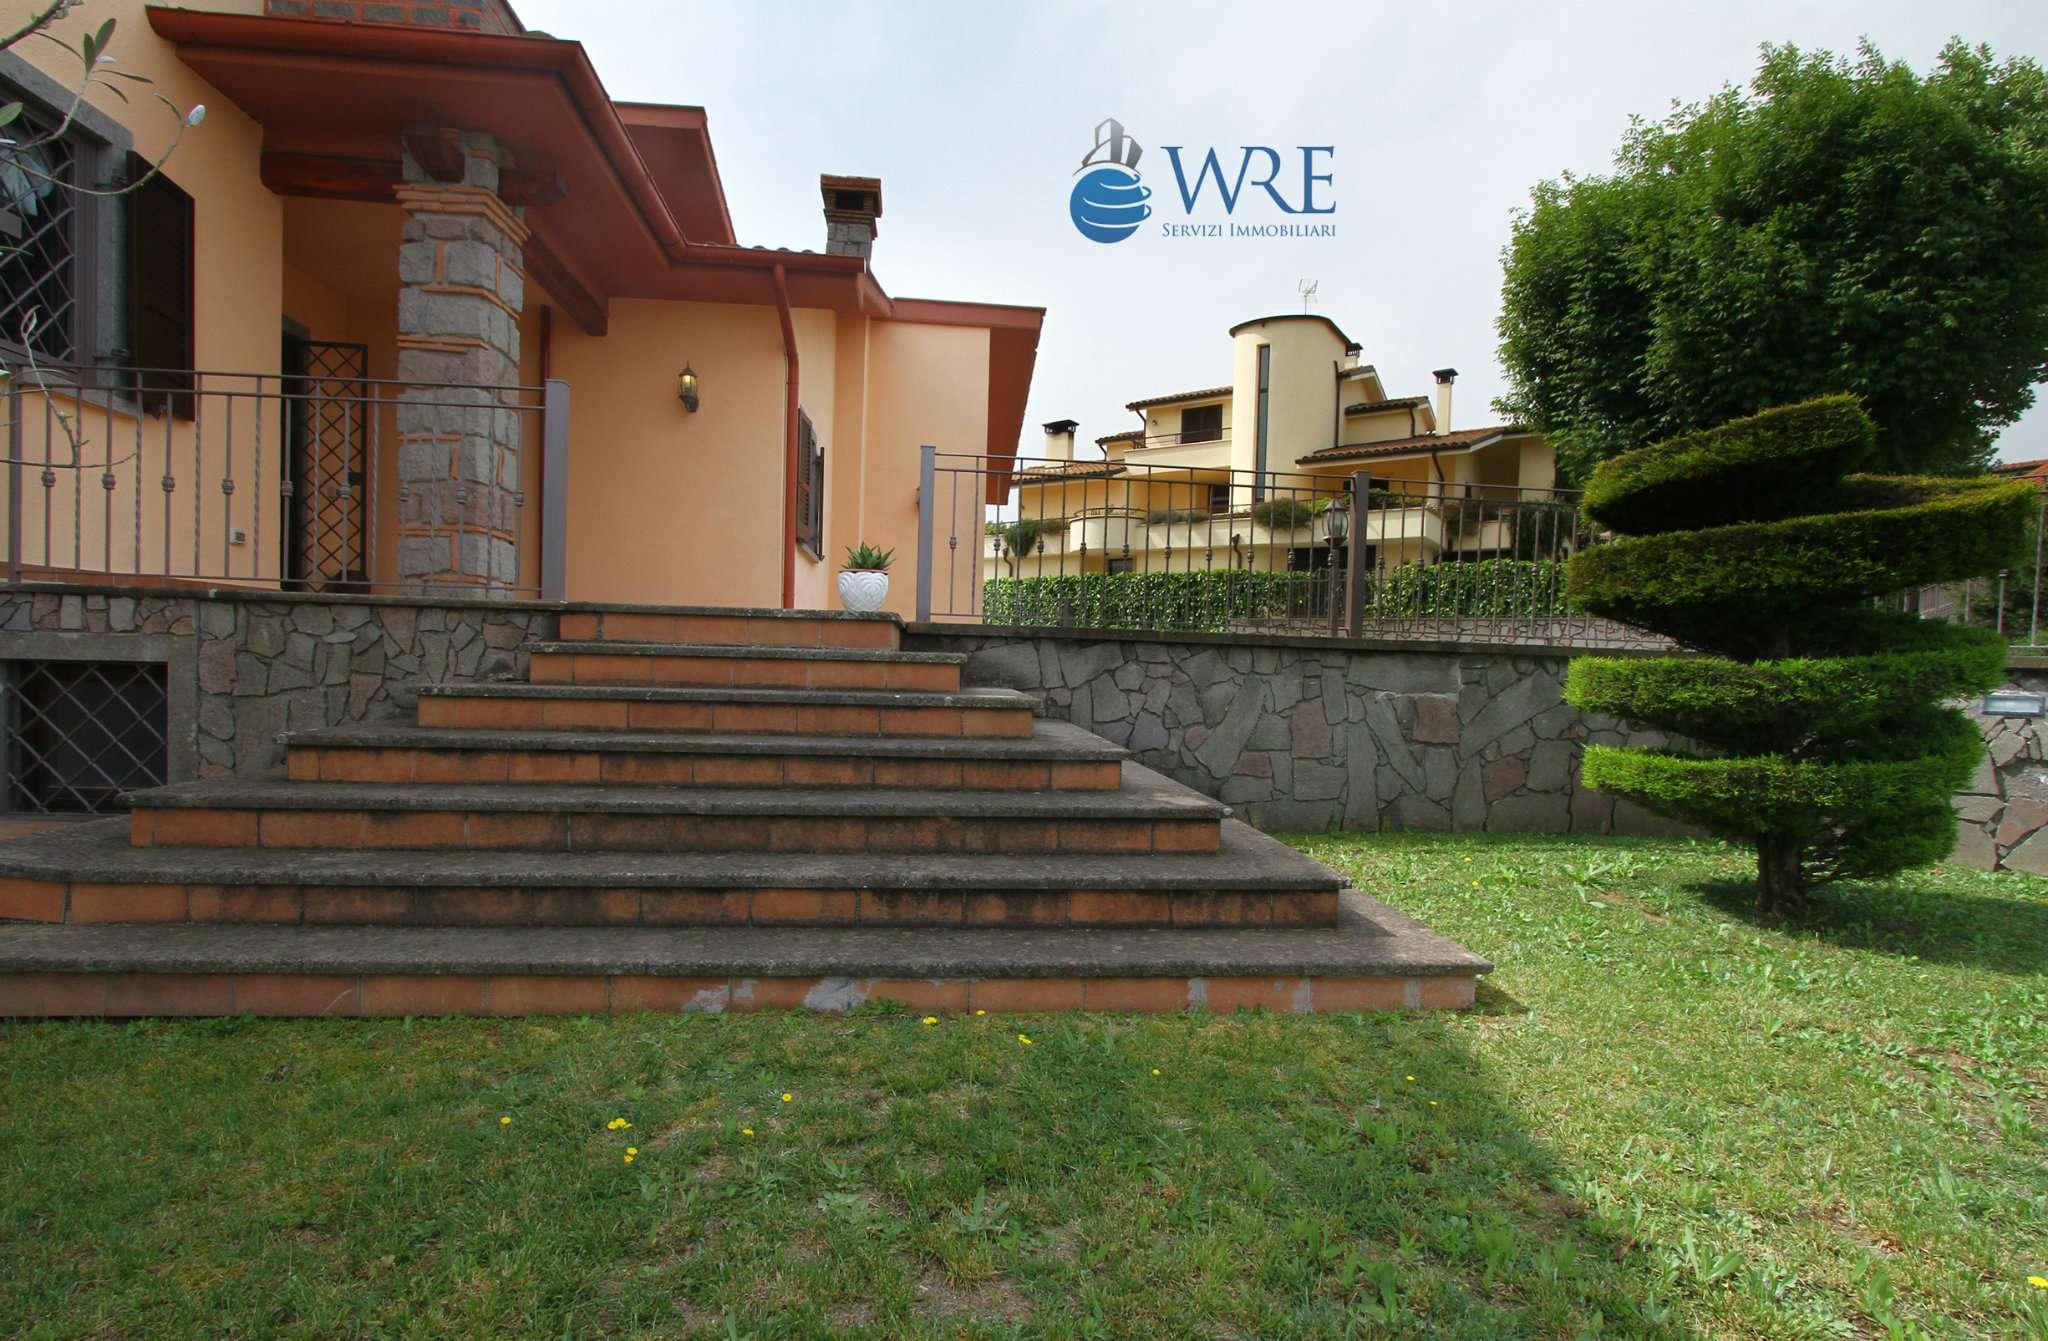 Villa in vendita a Vitorchiano, 15 locali, prezzo € 450.000 | CambioCasa.it